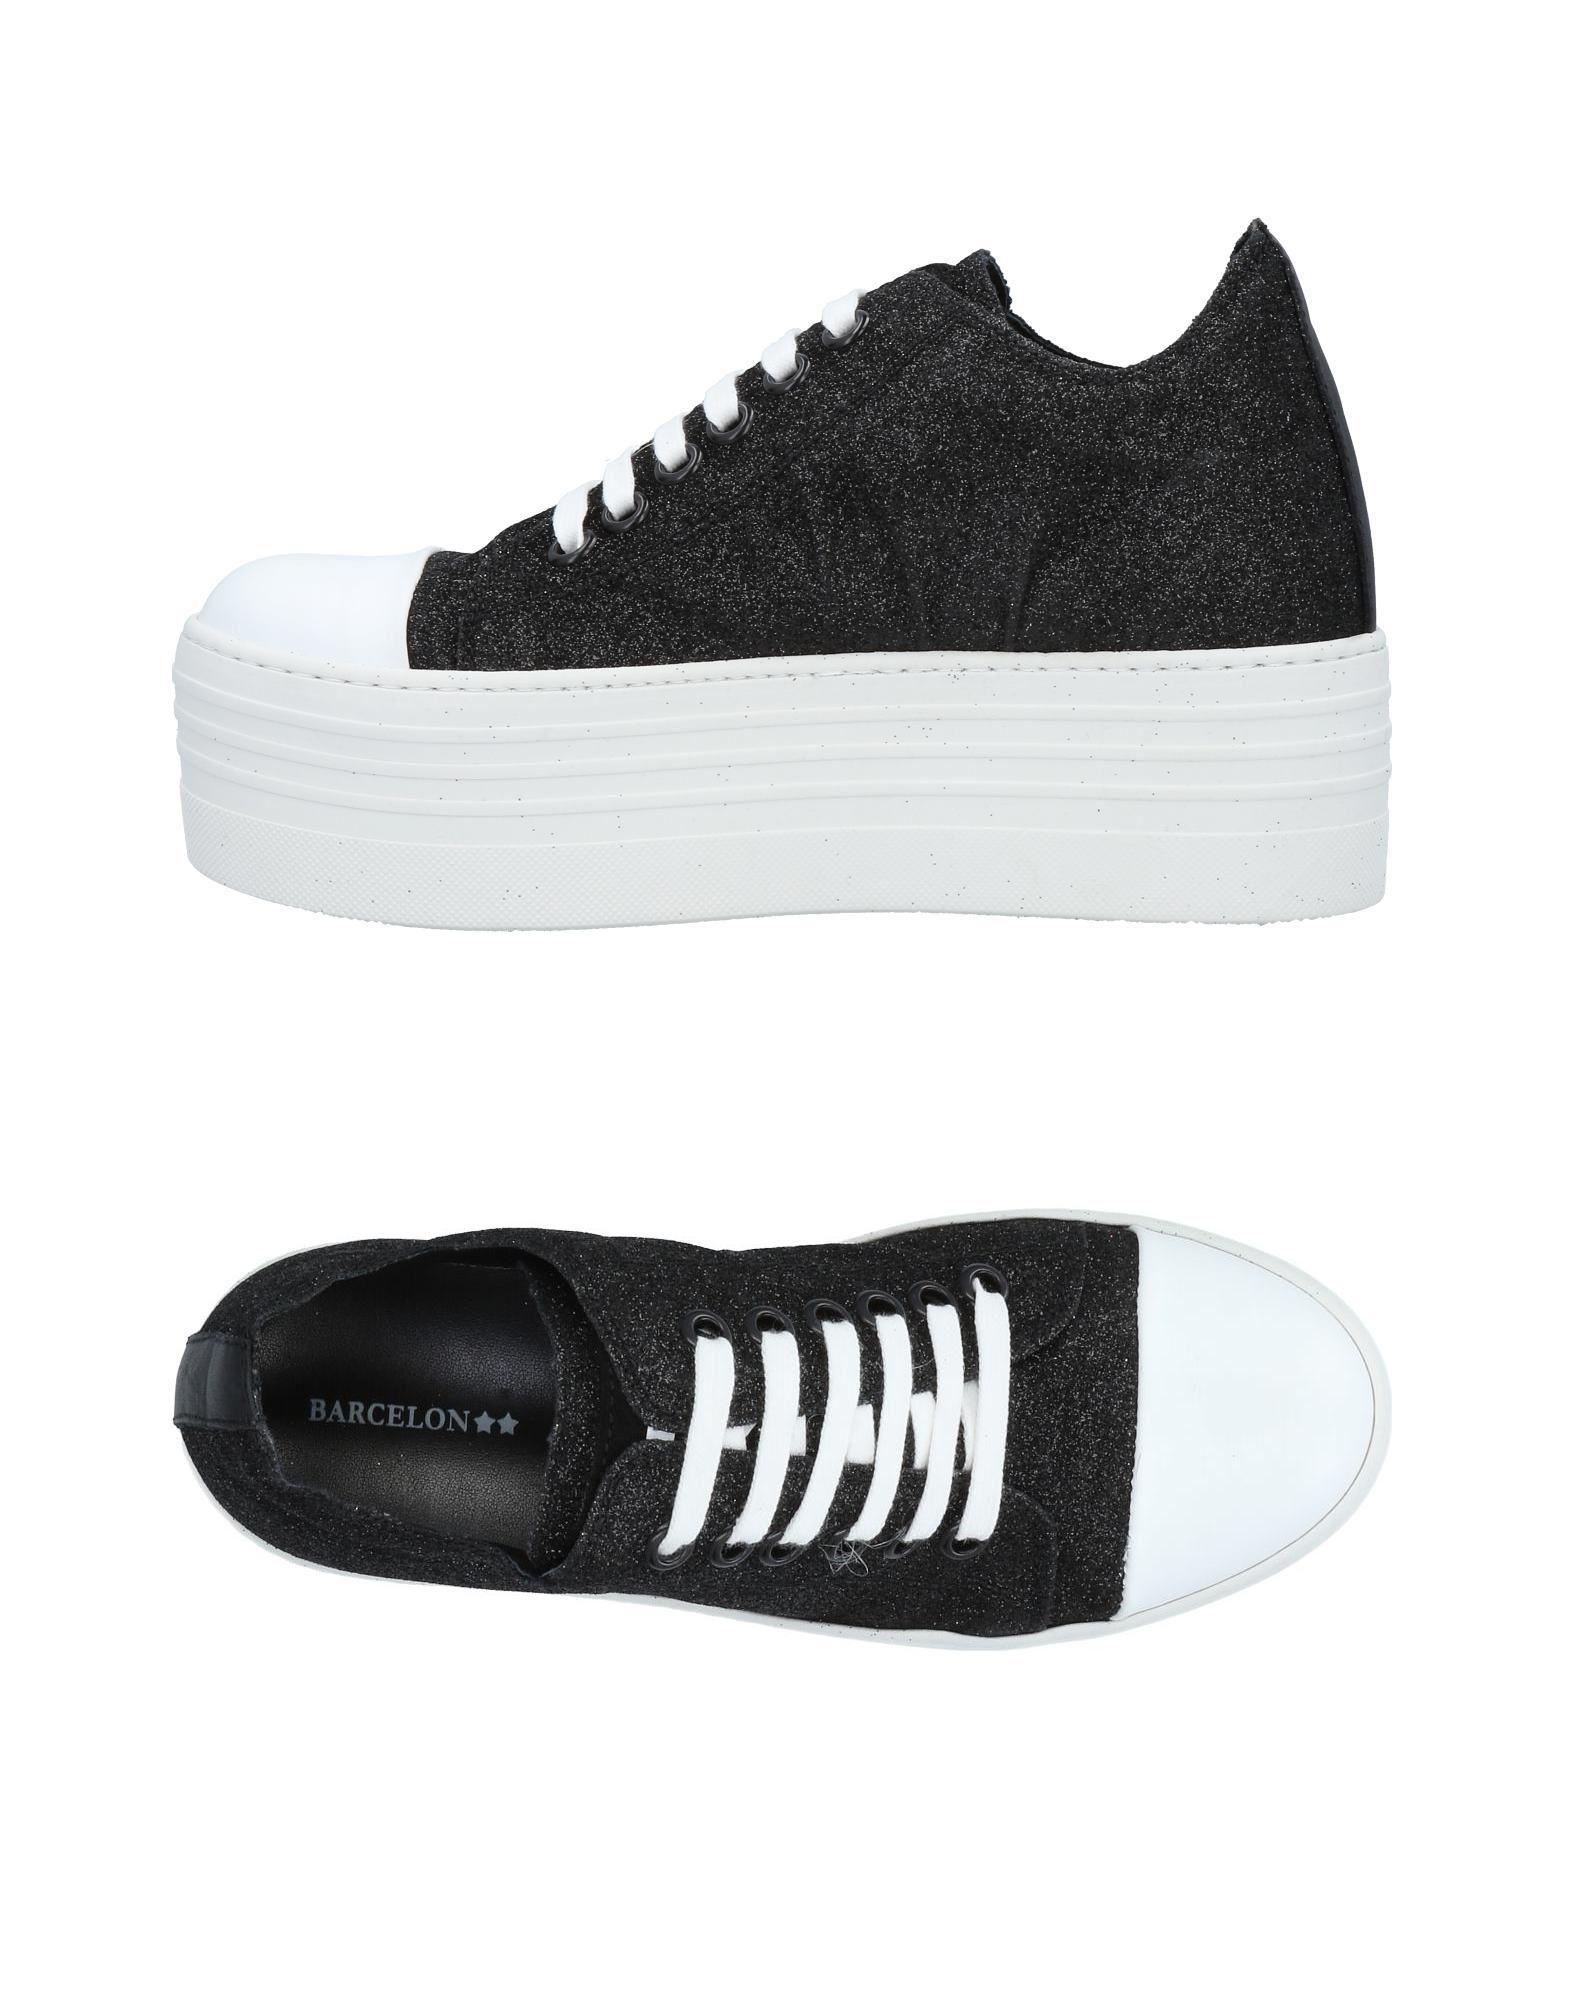 Scarpe economiche e resistenti Sneakers Barcelon★★ Donna - 11491058TJ